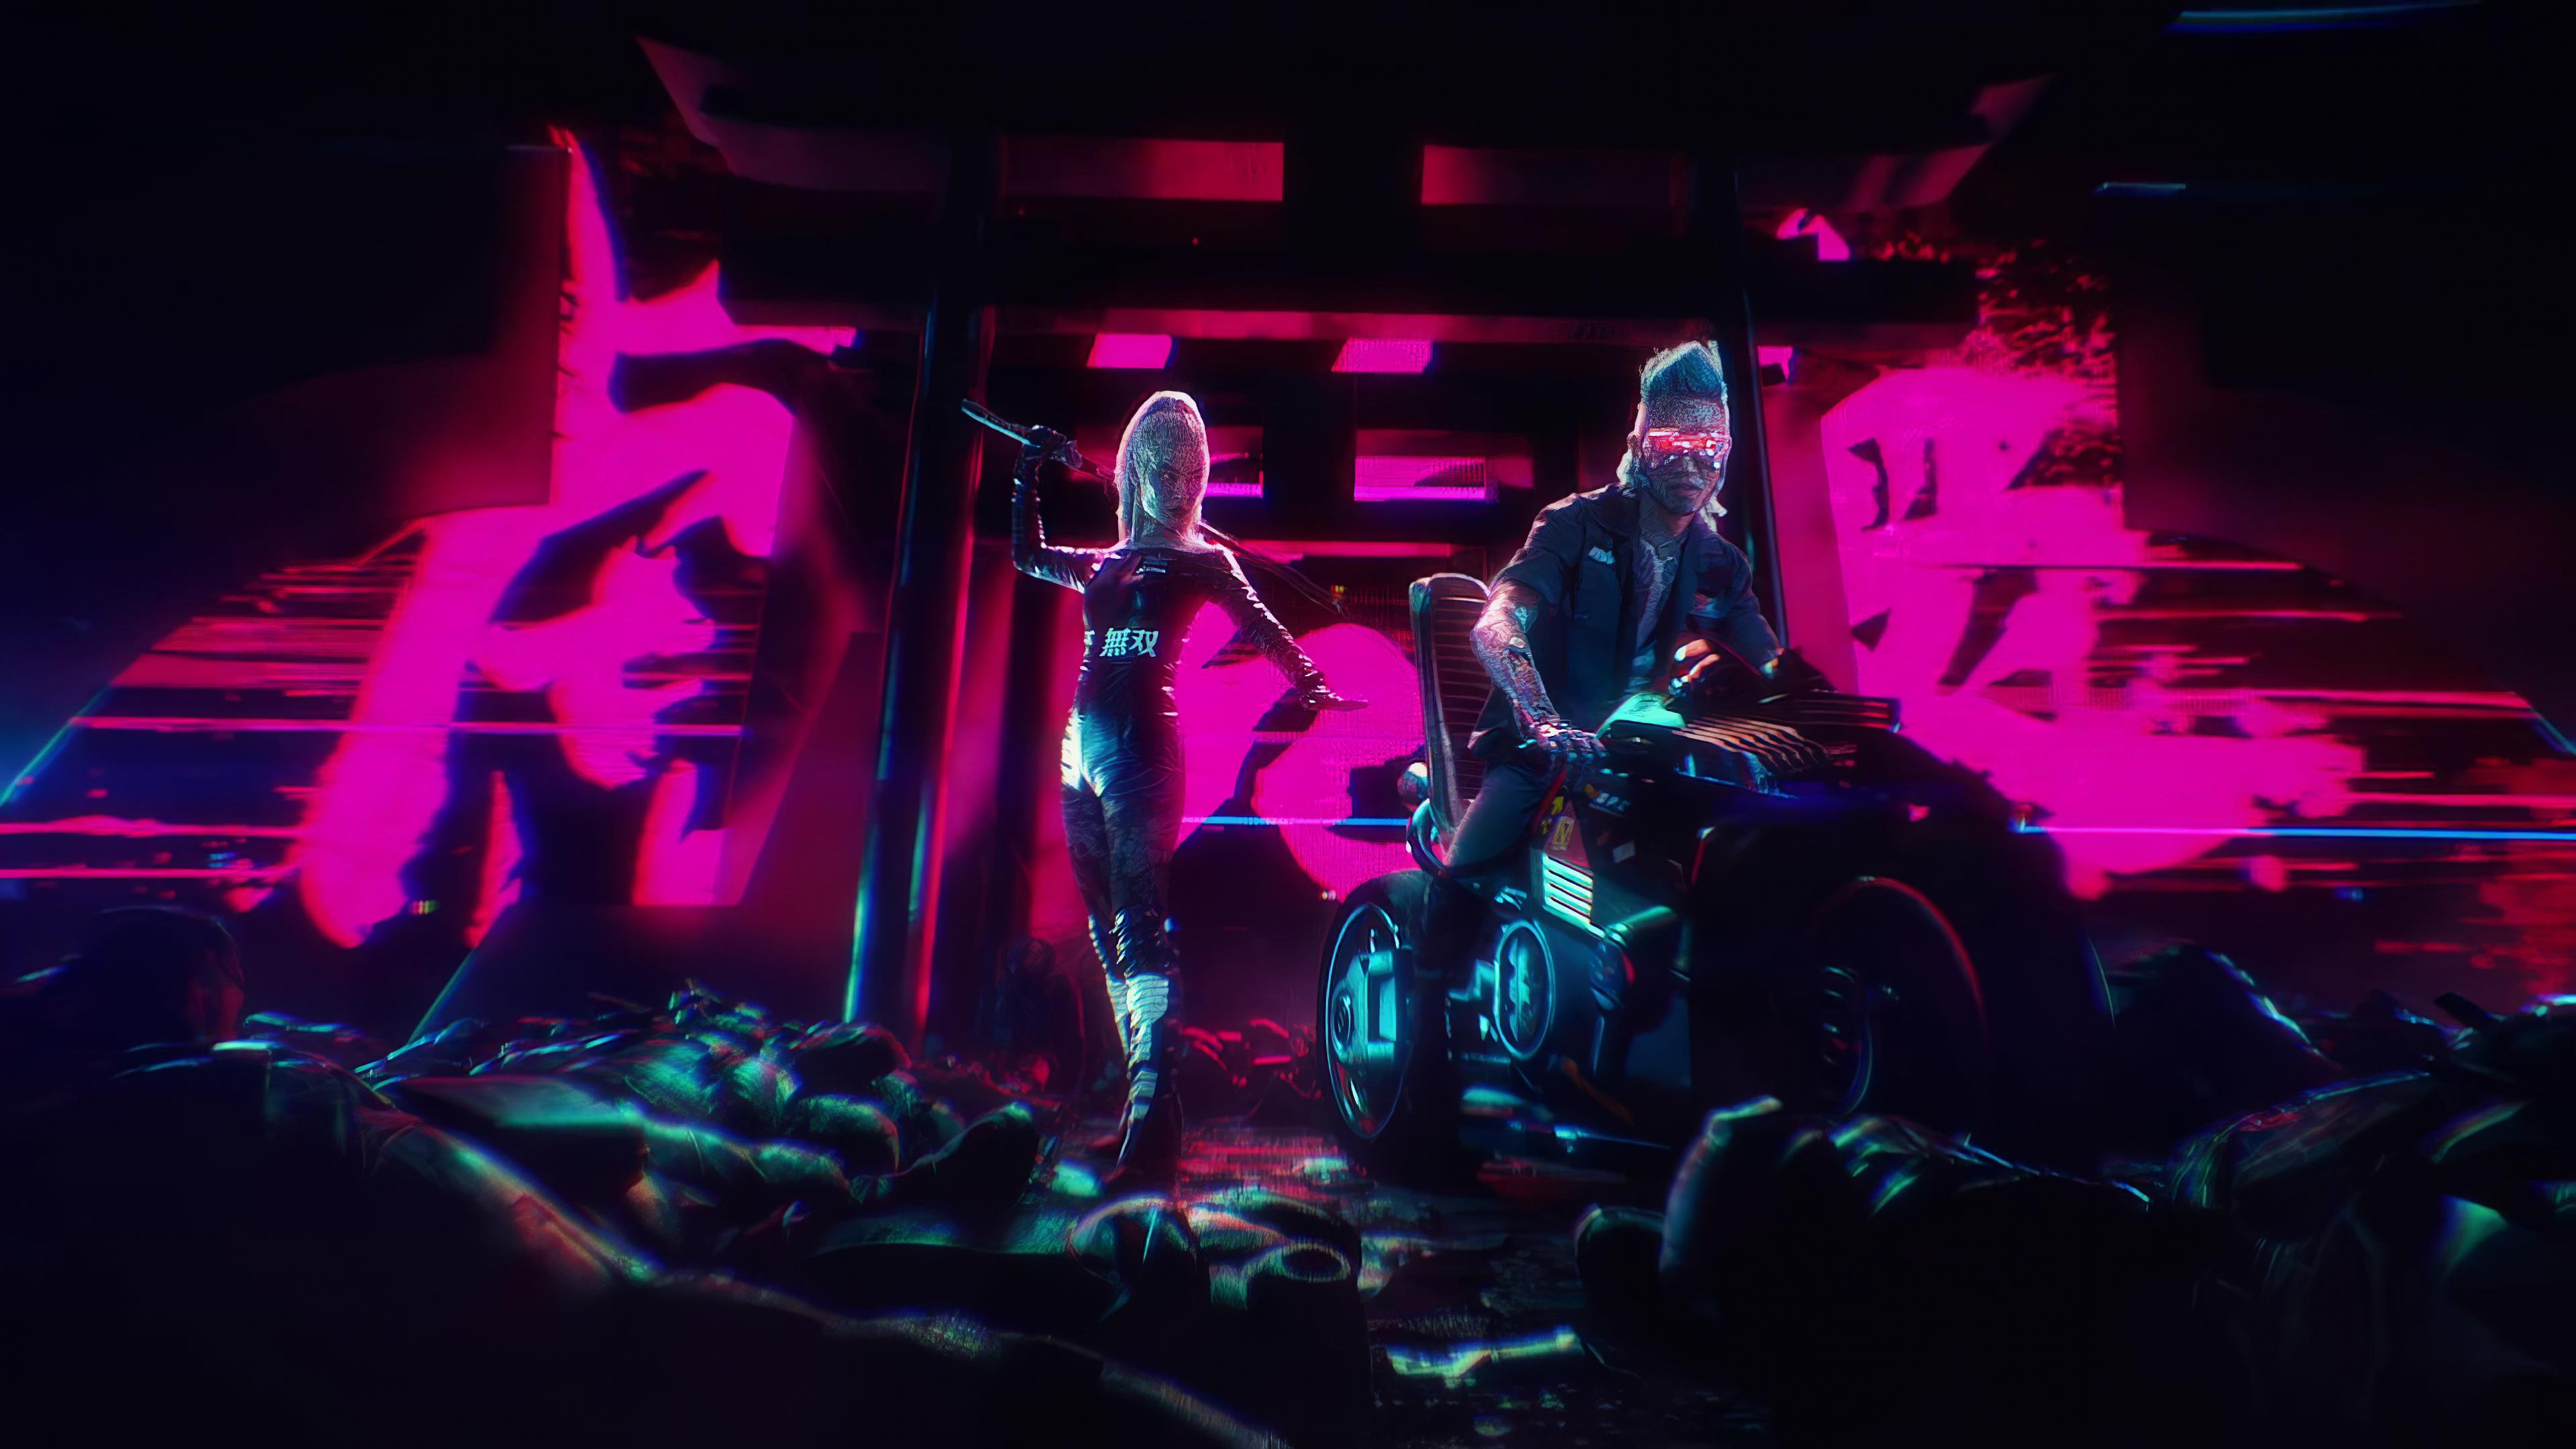 biker boy and girl cyberpunk 2077 4k 1614853036 - Biker Boy And Girl Cyberpunk 2077 4k - Biker Boy And Girl Cyberpunk 2077 4k wallpapers